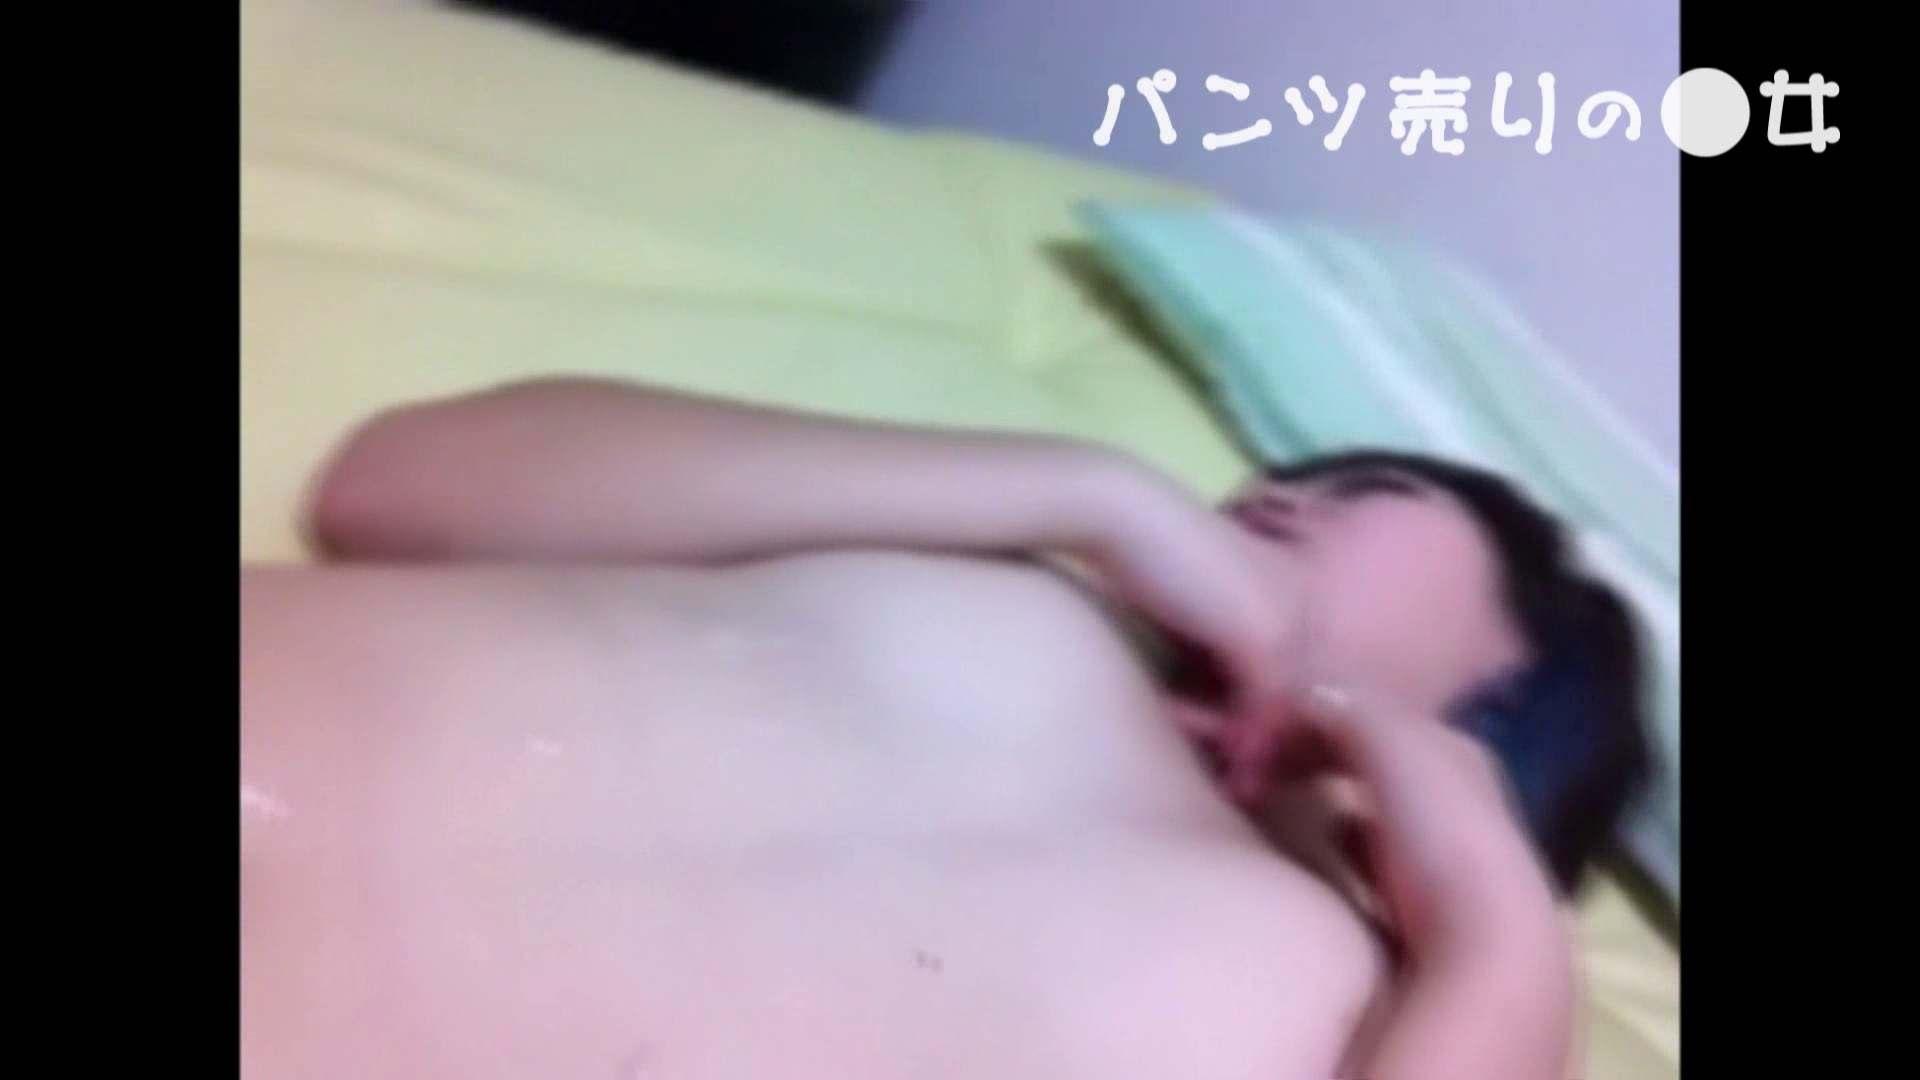 新説 パンツ売りの女の子nana05 投稿   プライベート投稿  61PIX 58